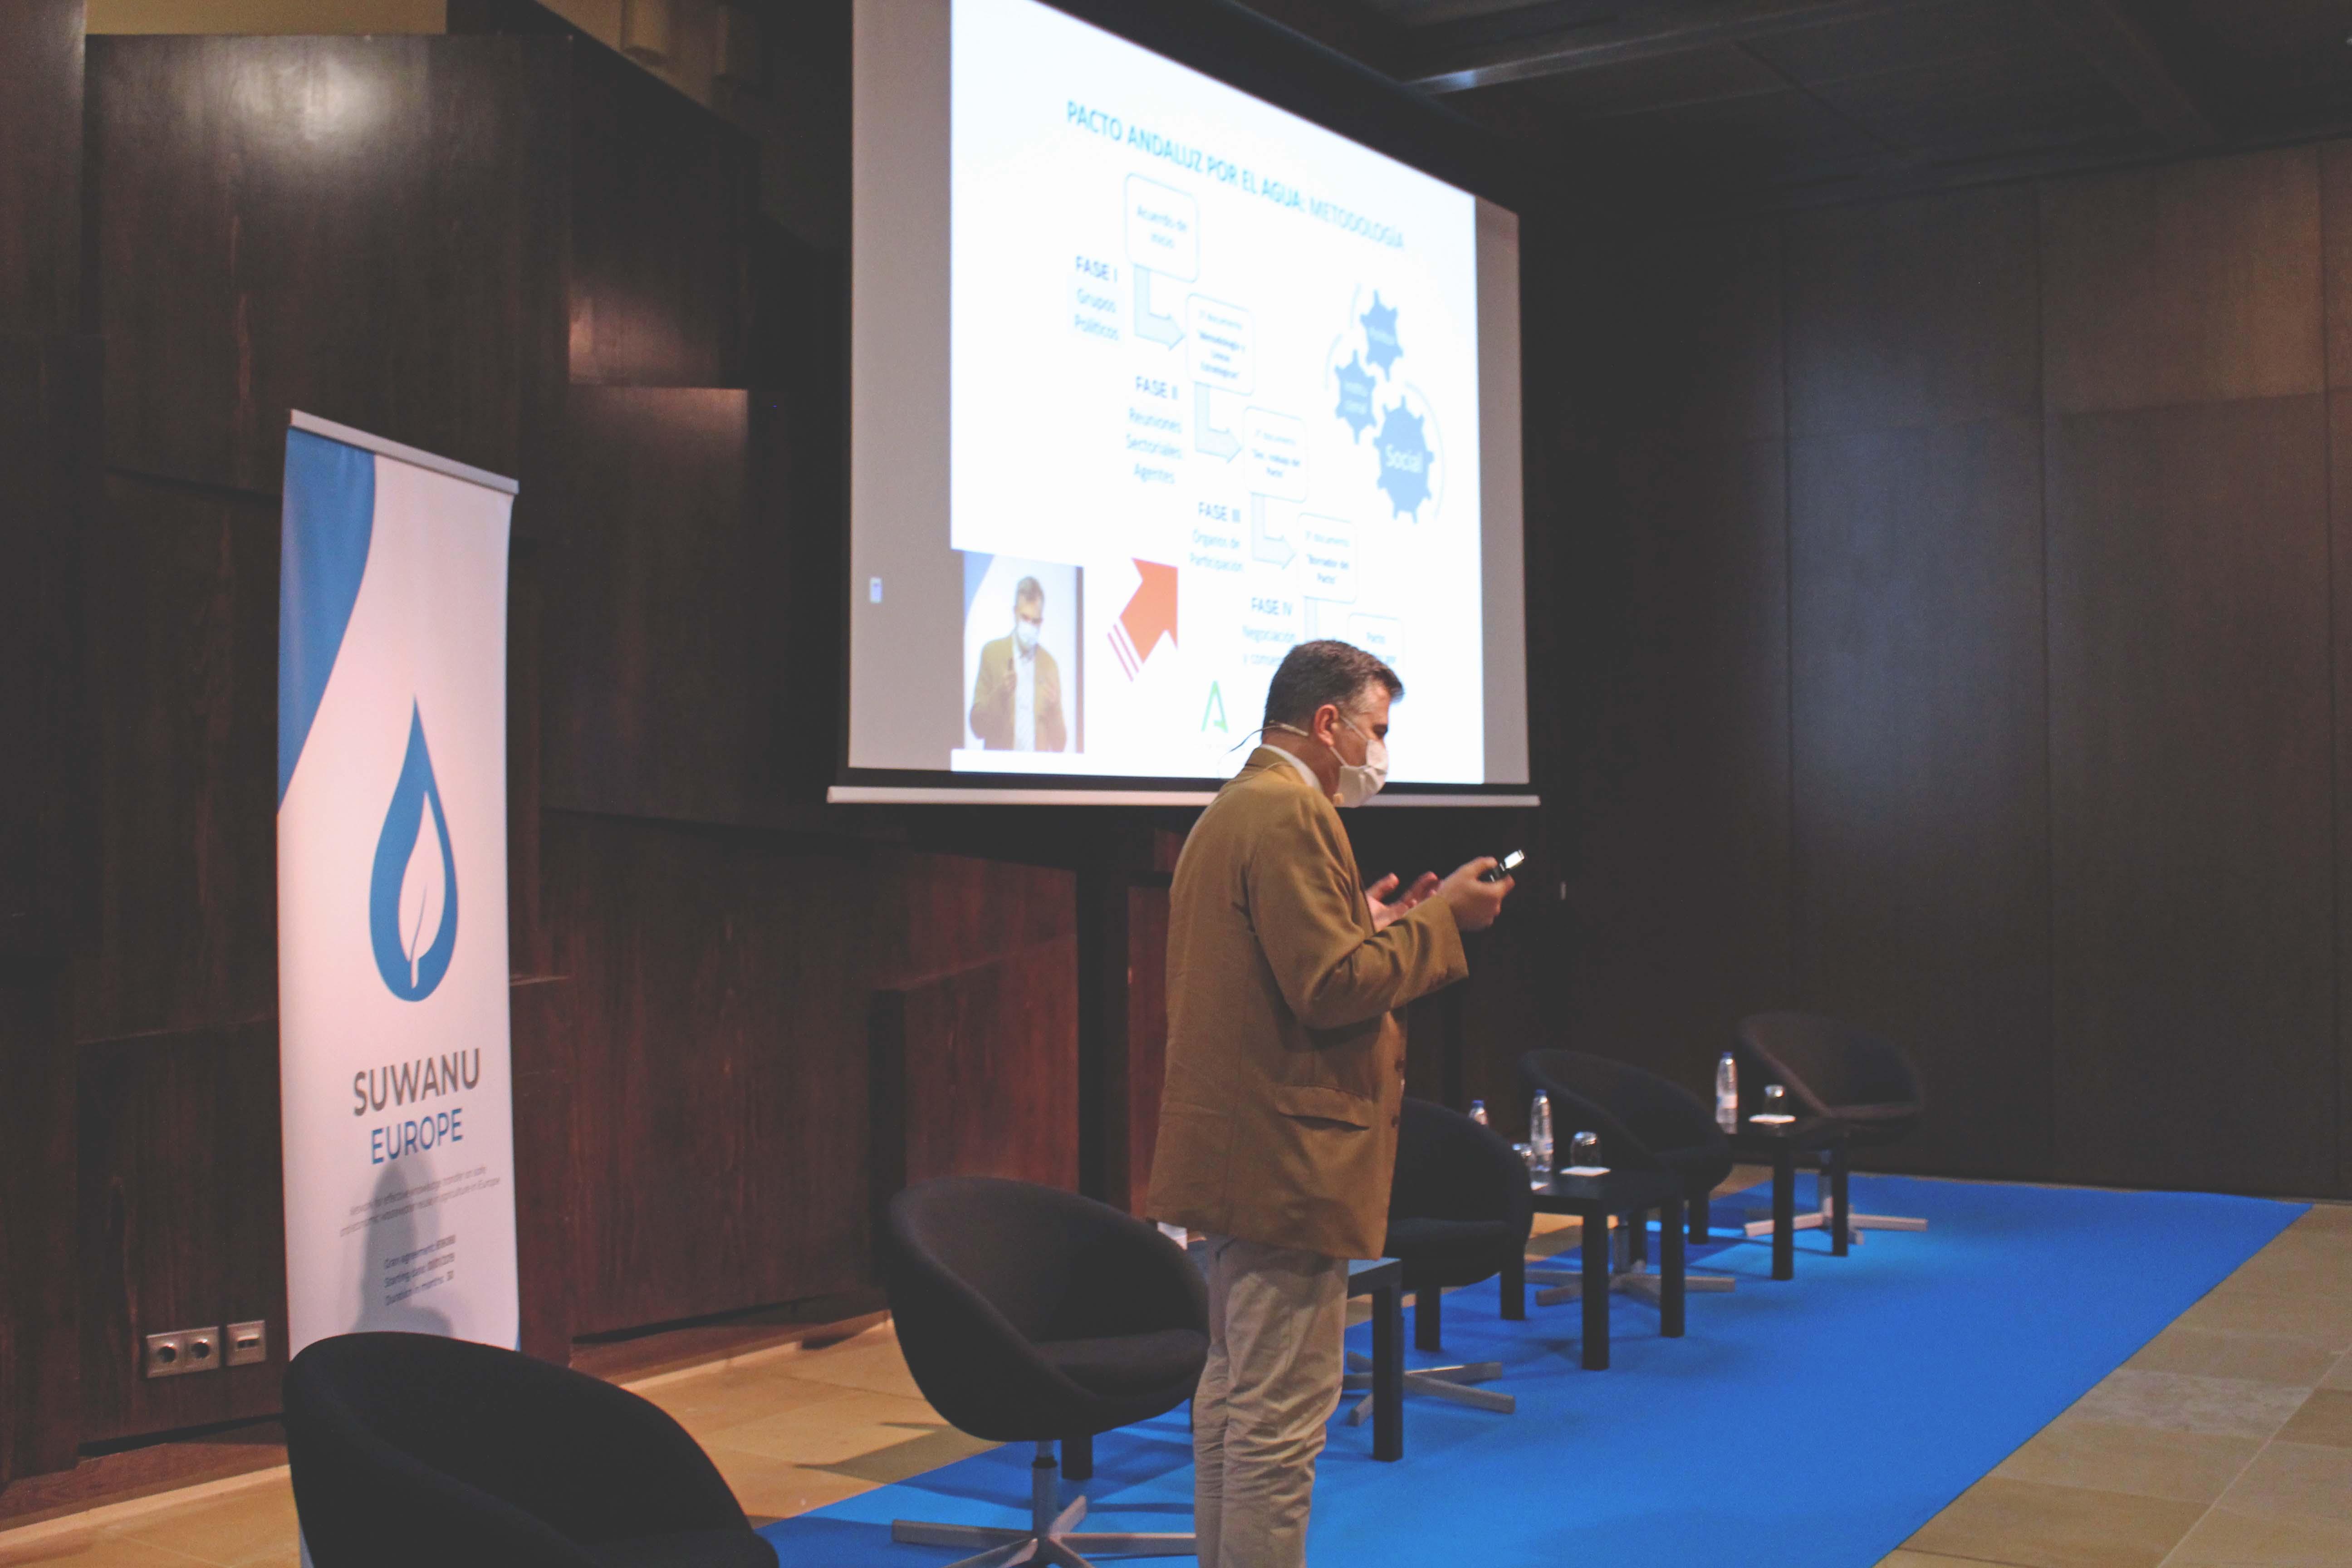 Ricardo Ruiz (Junta de Andalucía) presentation